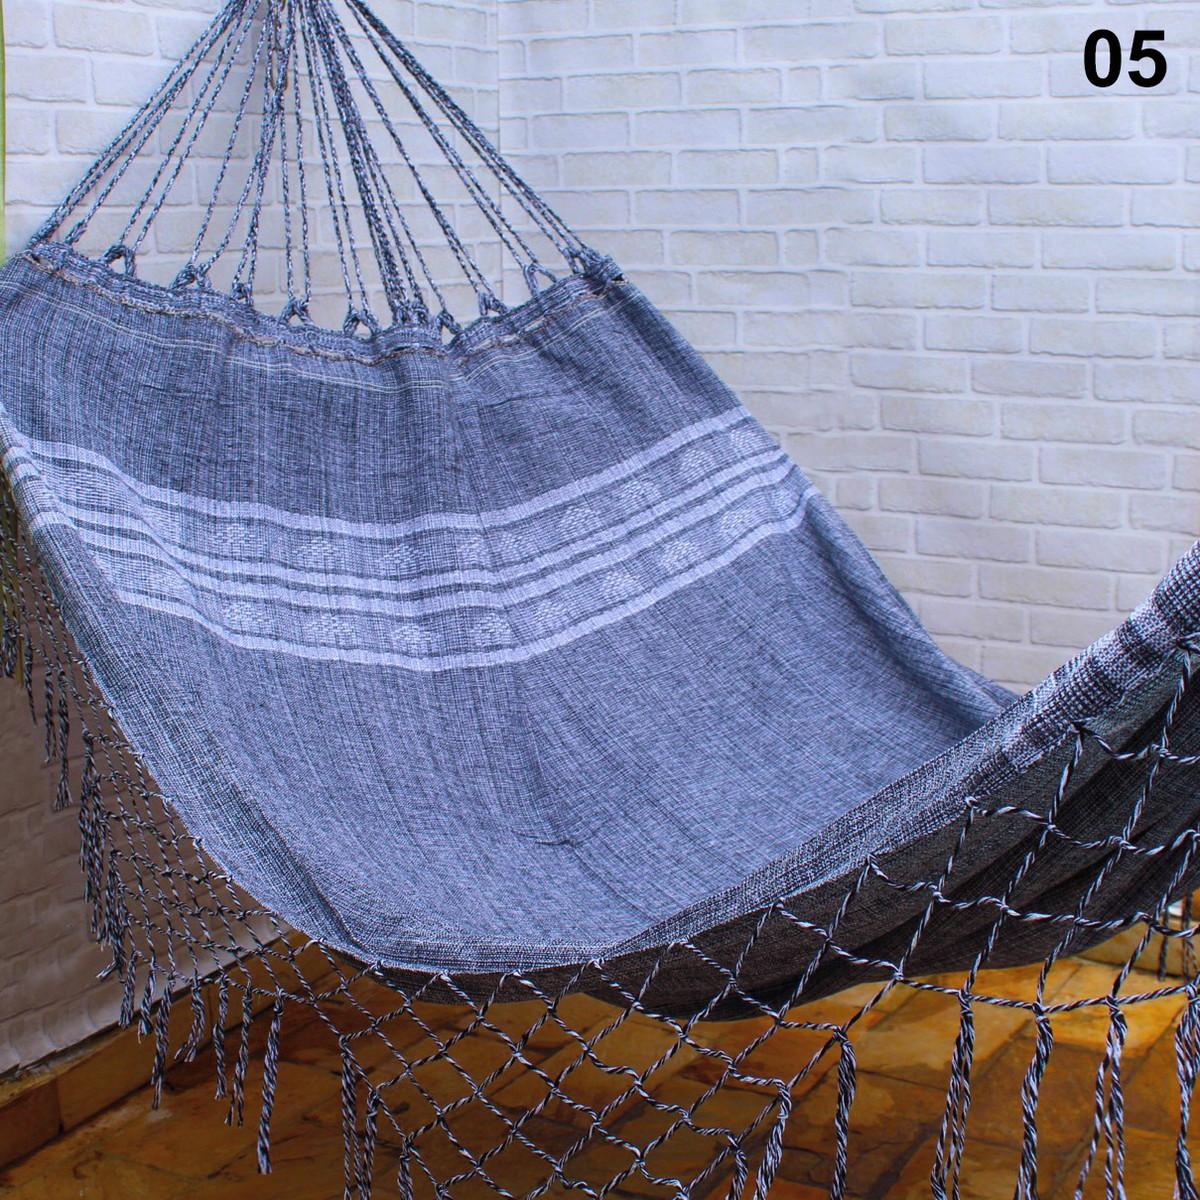 5e8f217fa70c58 Rede De Dormir Descanso Pernambucana Reforçada - Mesclado